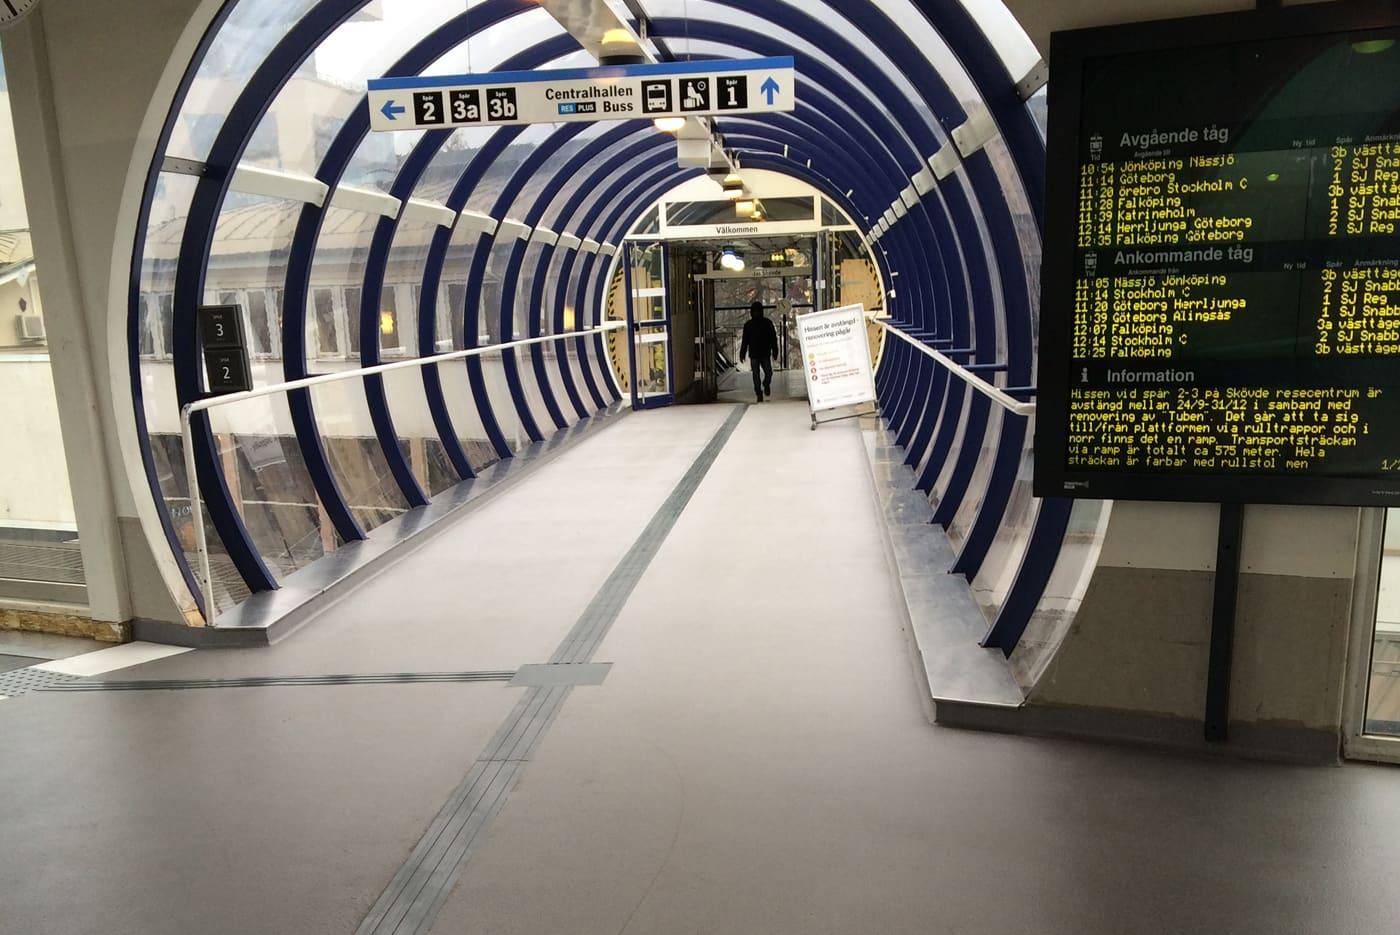 Bild från Skövde resecentrum. Mörkgrått gummiledstråk som visar vägen mellan perrongerna i gångtunneln ovanför spåren. Stråket avslutas med en varningsplatta vid rulltrappan.